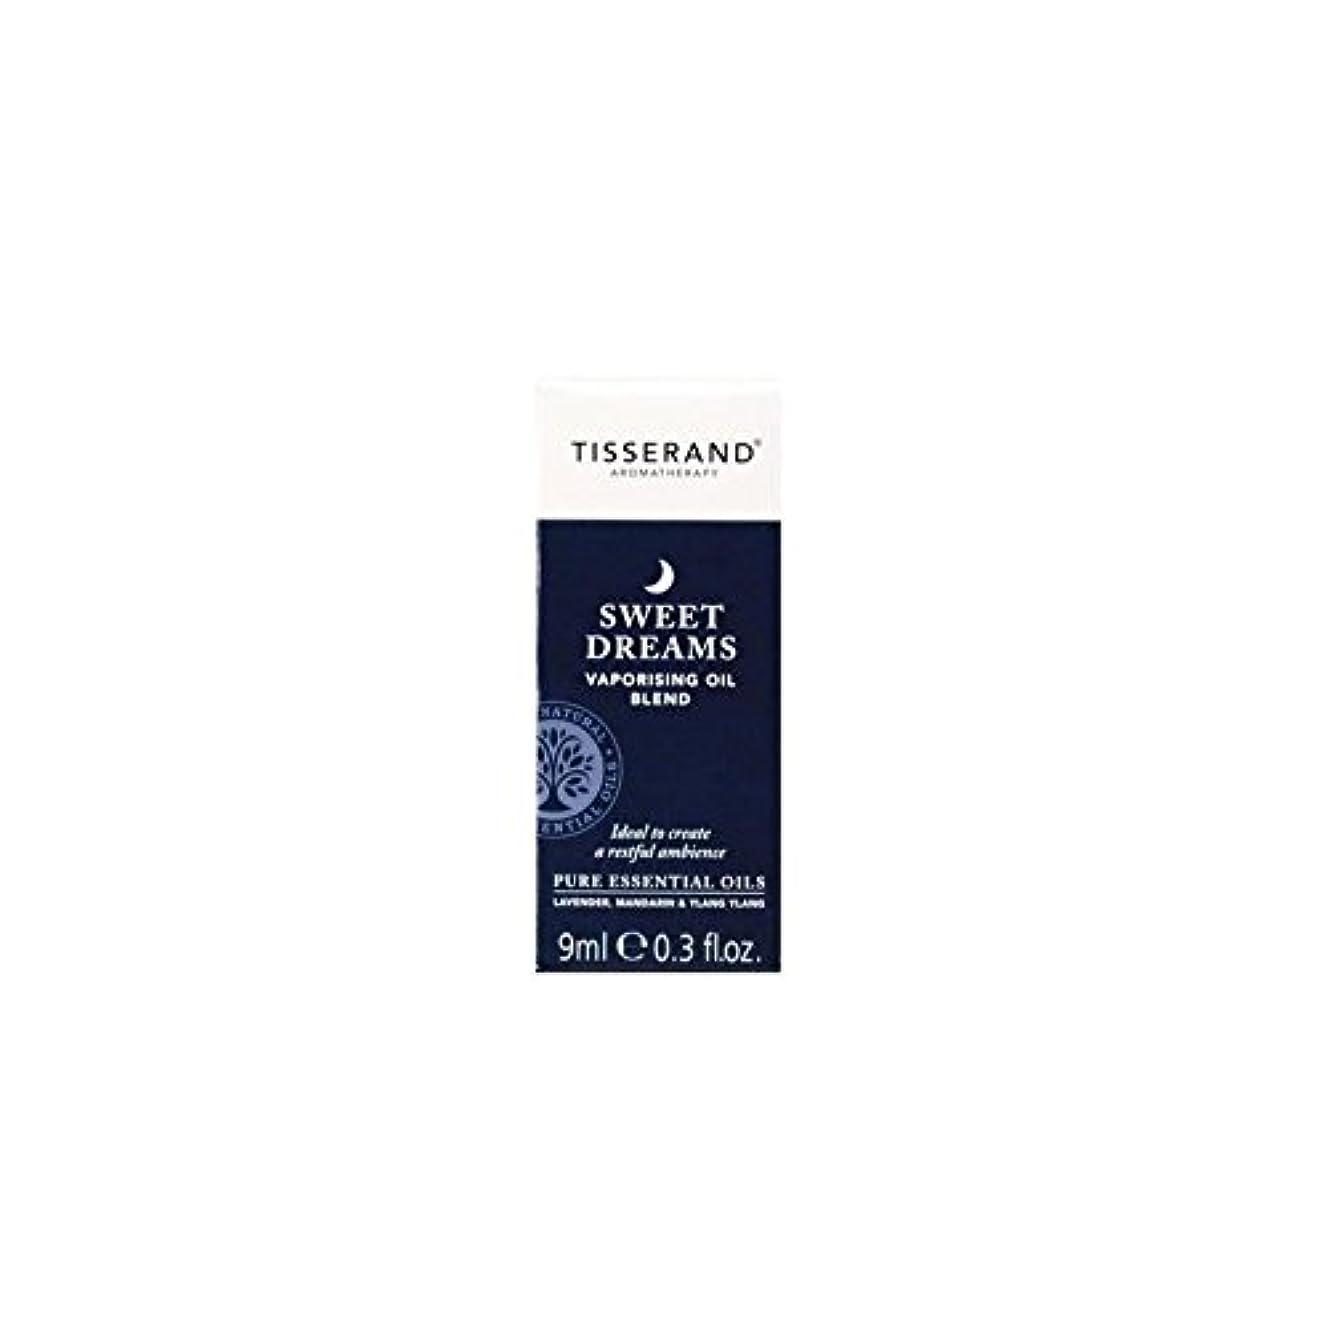 オイル9ミリリットルを気化甘い夢 (Tisserand) (x 2) - Tisserand Sweet Dreams Vaporising Oil 9ml (Pack of 2) [並行輸入品]